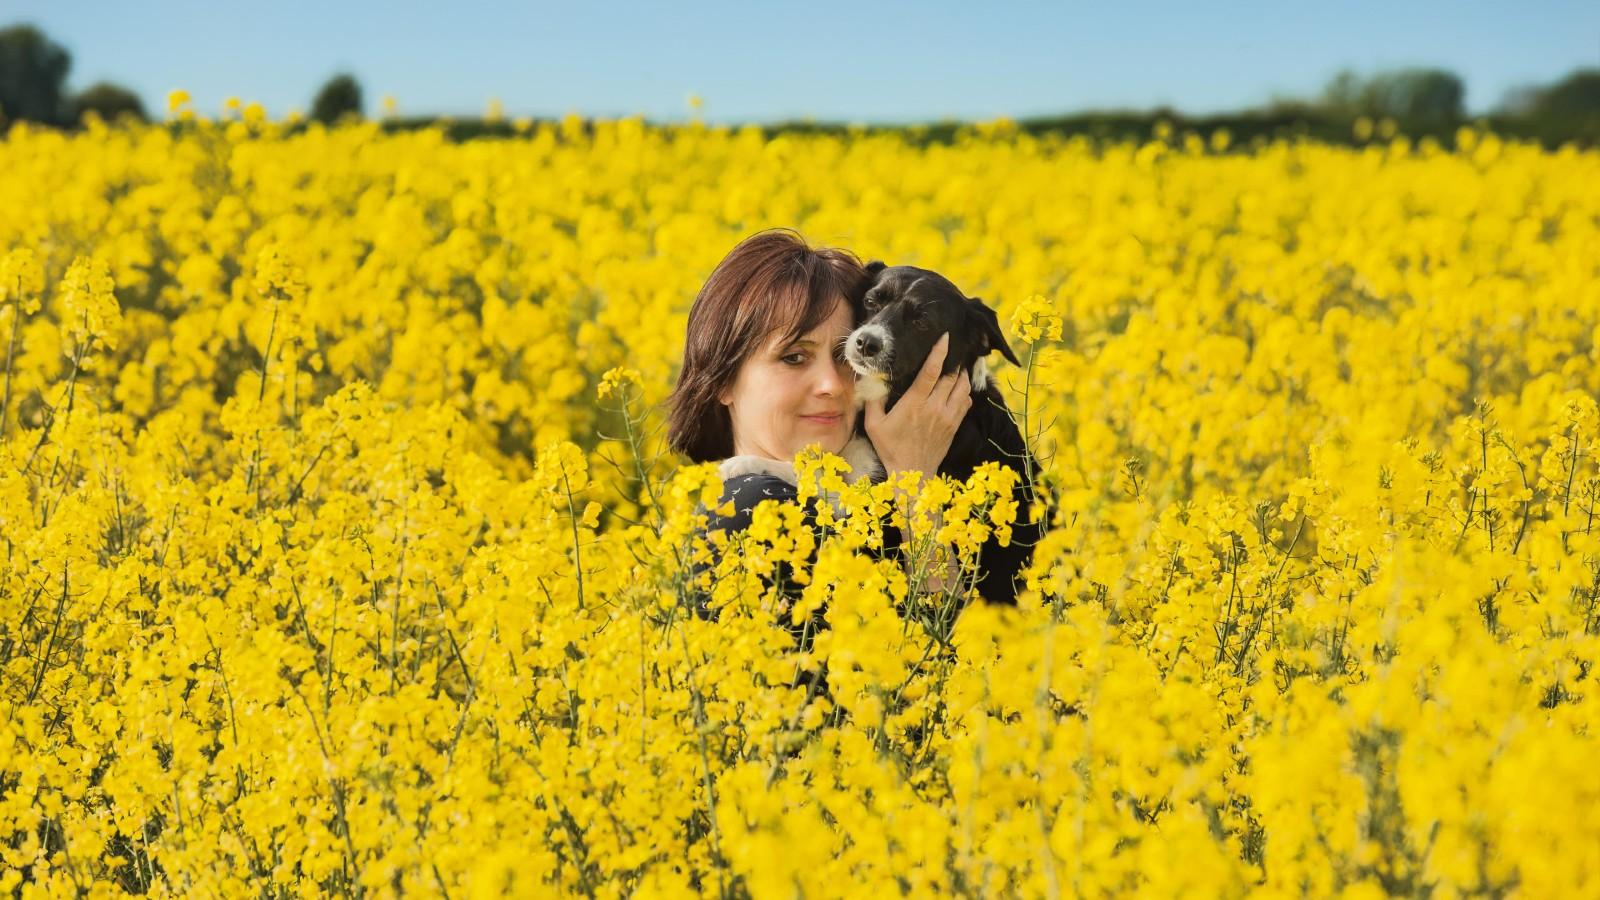 Une tendance Instagram mortelle pour les chiens, le dow et le propriétaire dans un champ de colza.